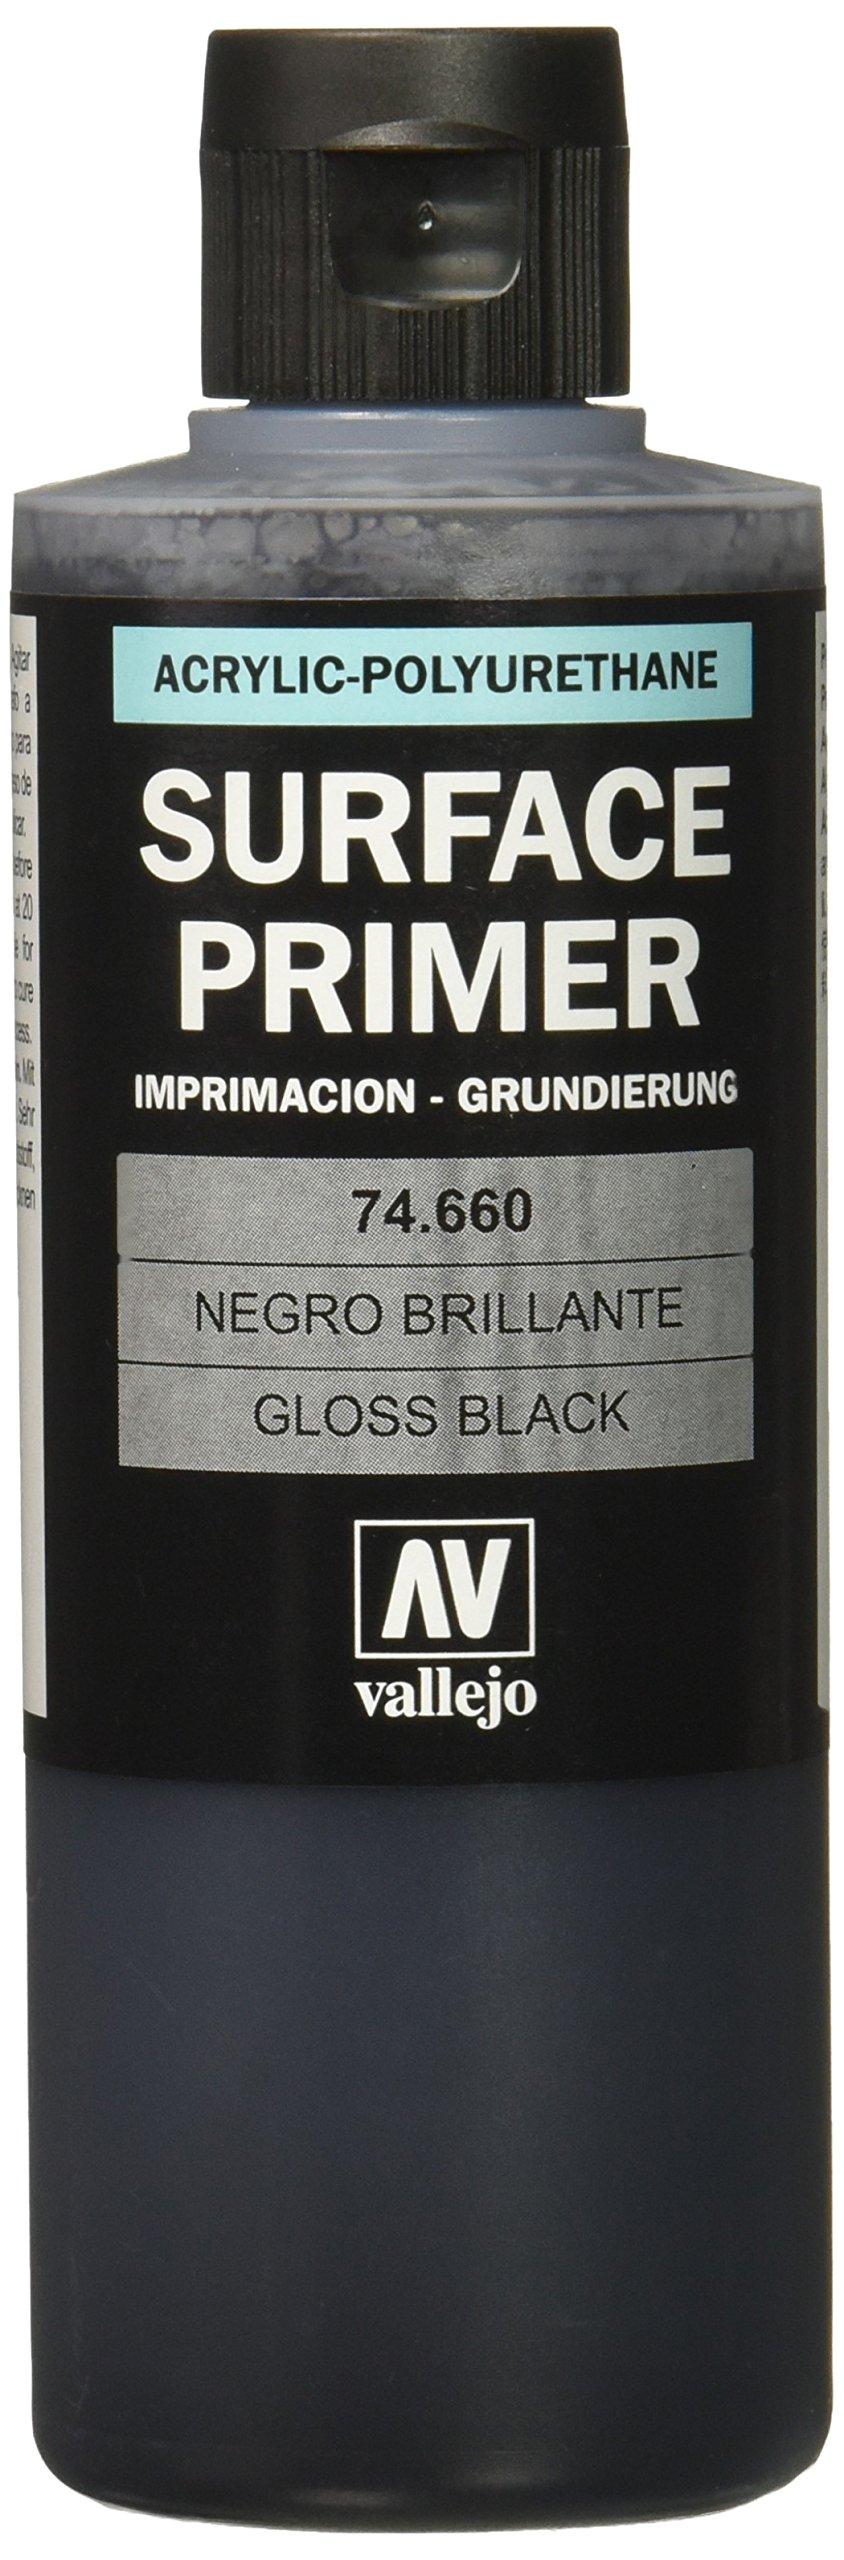 Vallejo Gloss Black Primer 200ml Paint